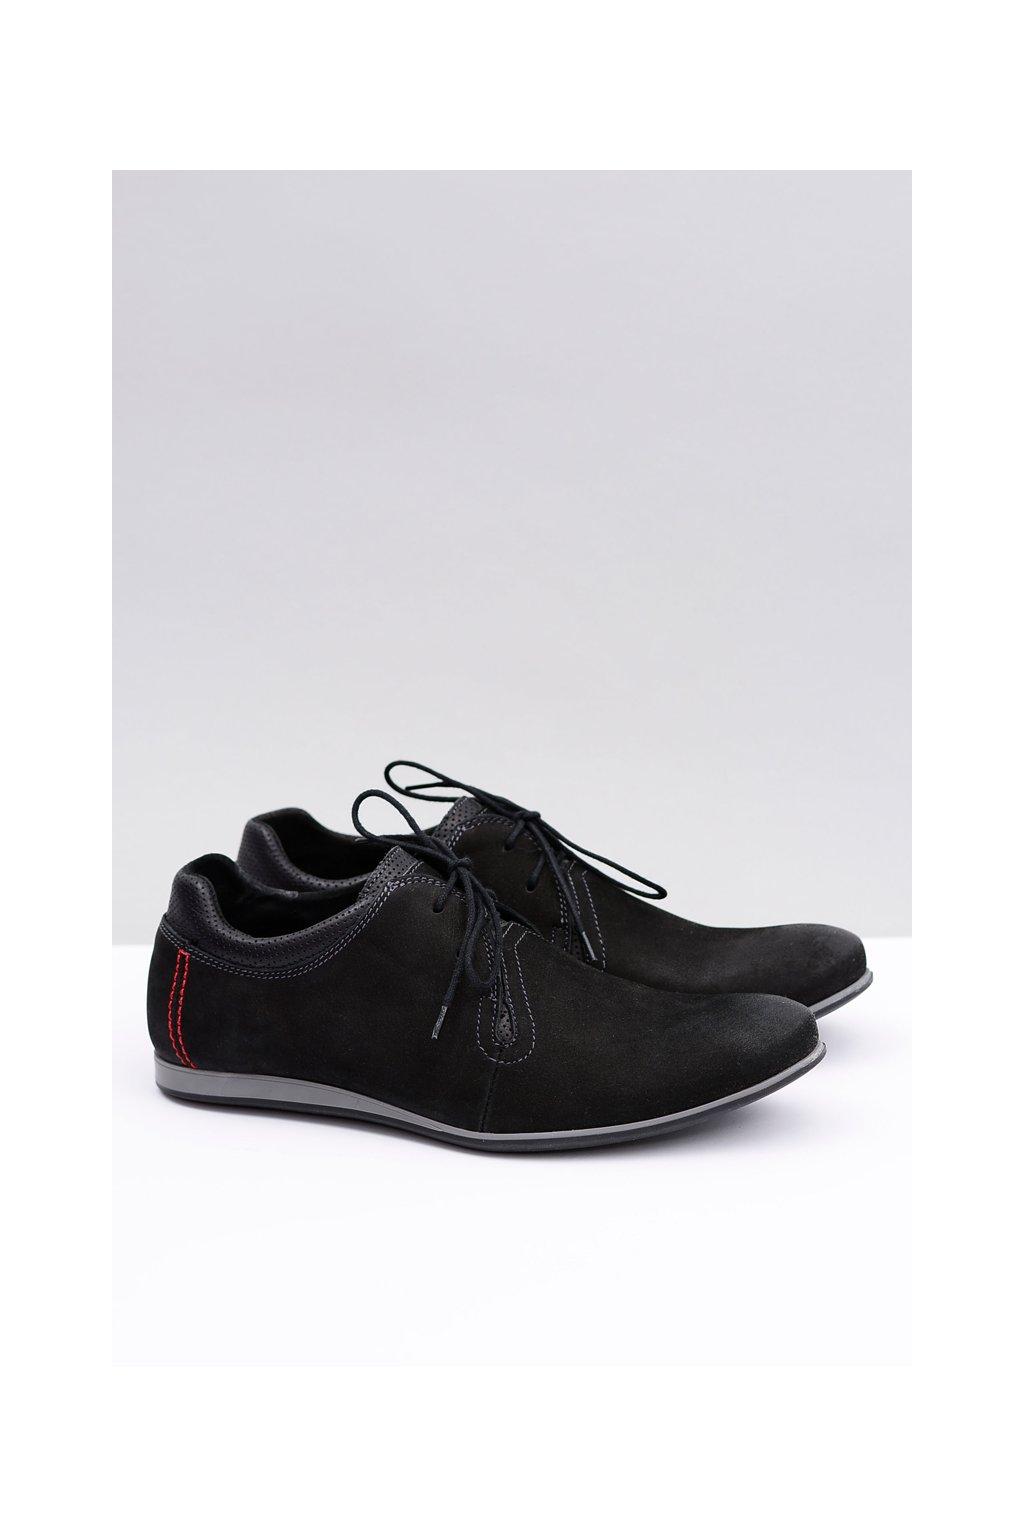 Neex   Atletická kožená pánska obuv Diego